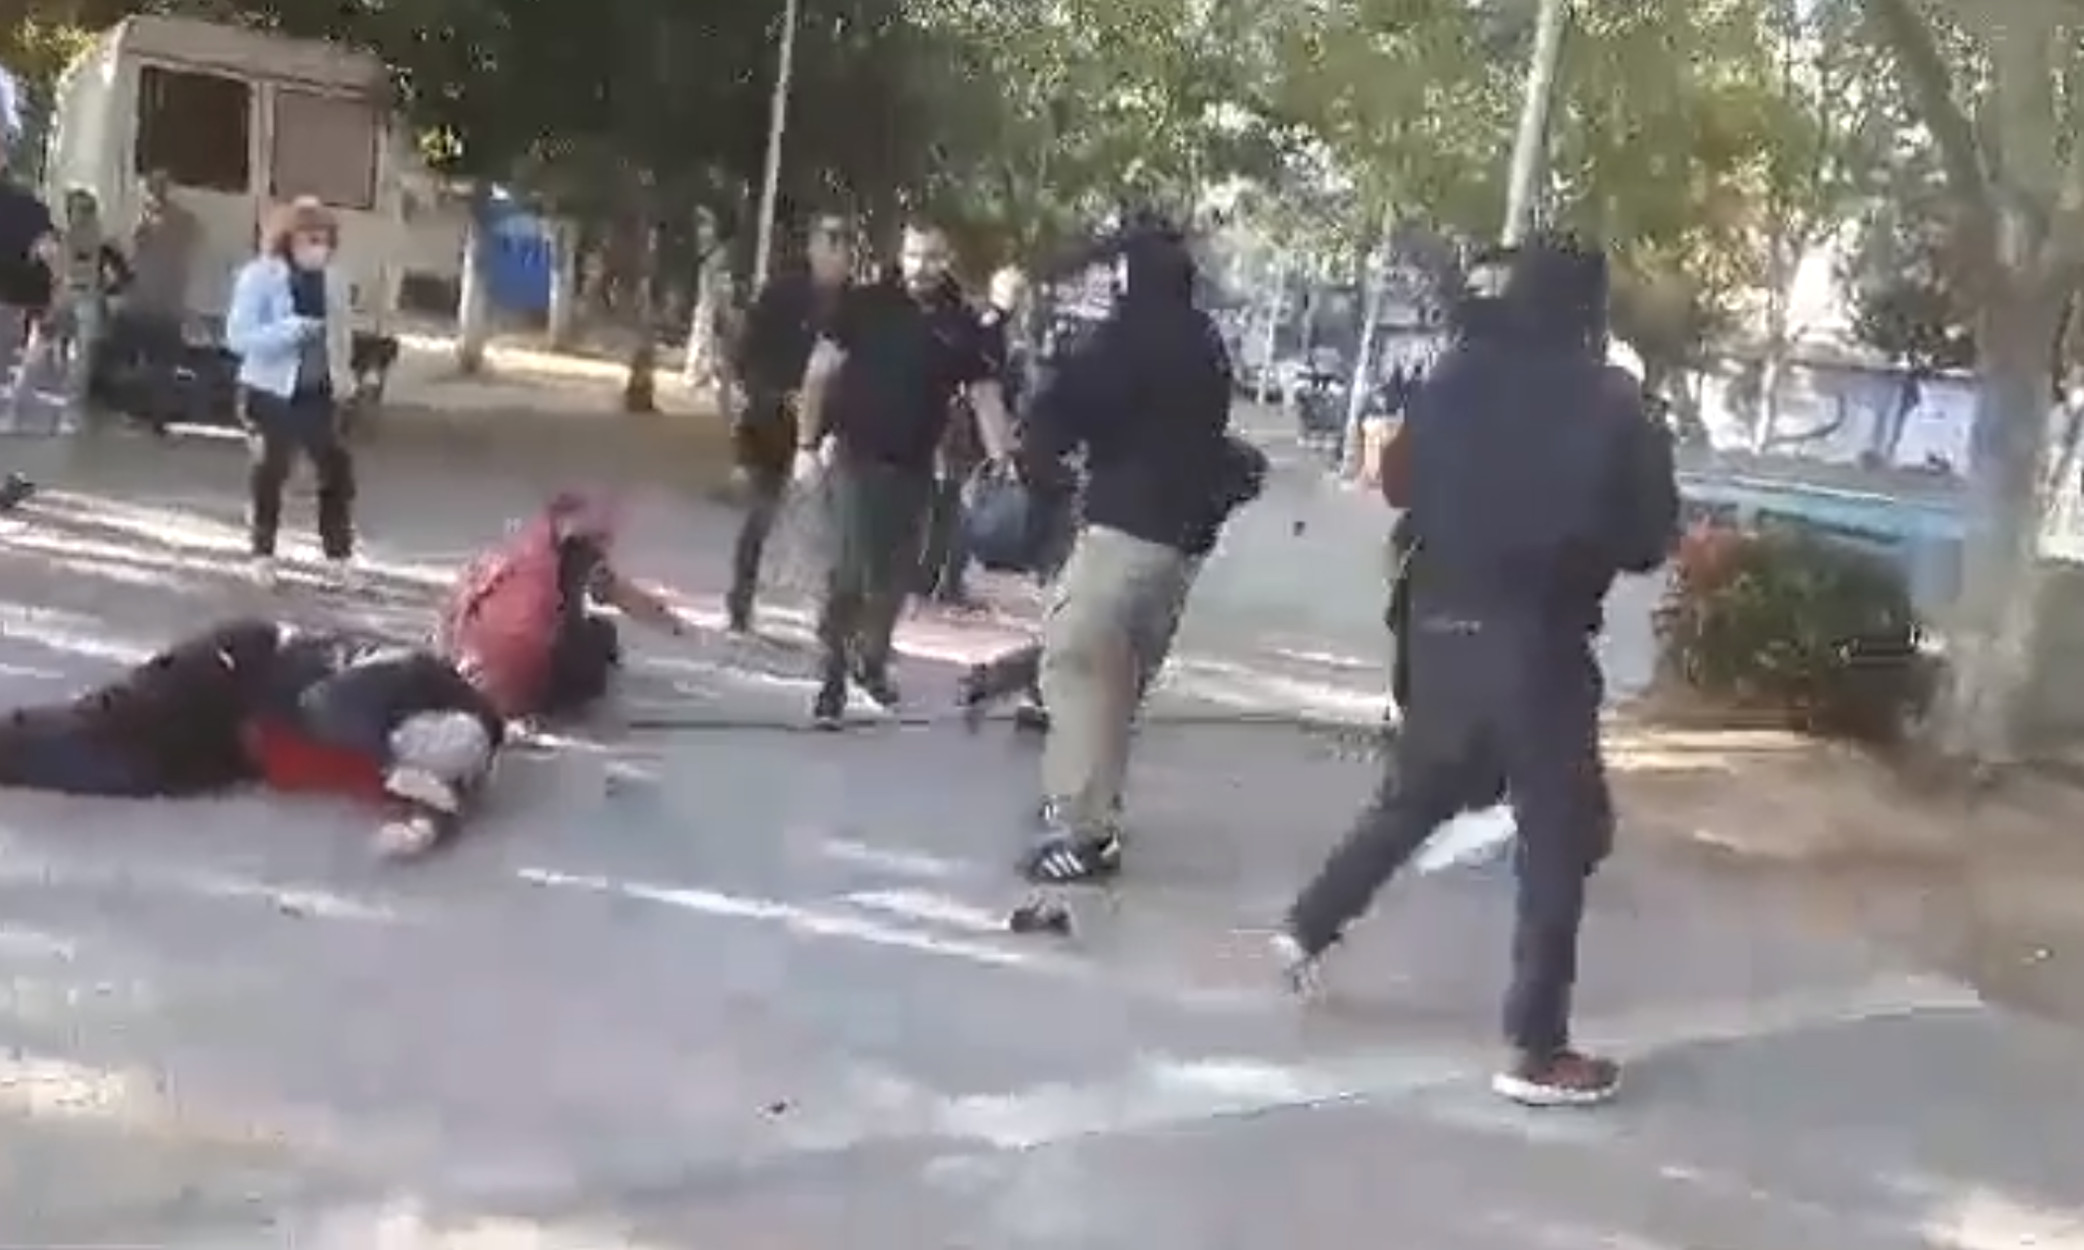 Νέο Ηράκλειο: Επίθεση σε εκδήλωση για την καταδίκη της Χρυσής Αυγής – Αναφορές για τραυματίες